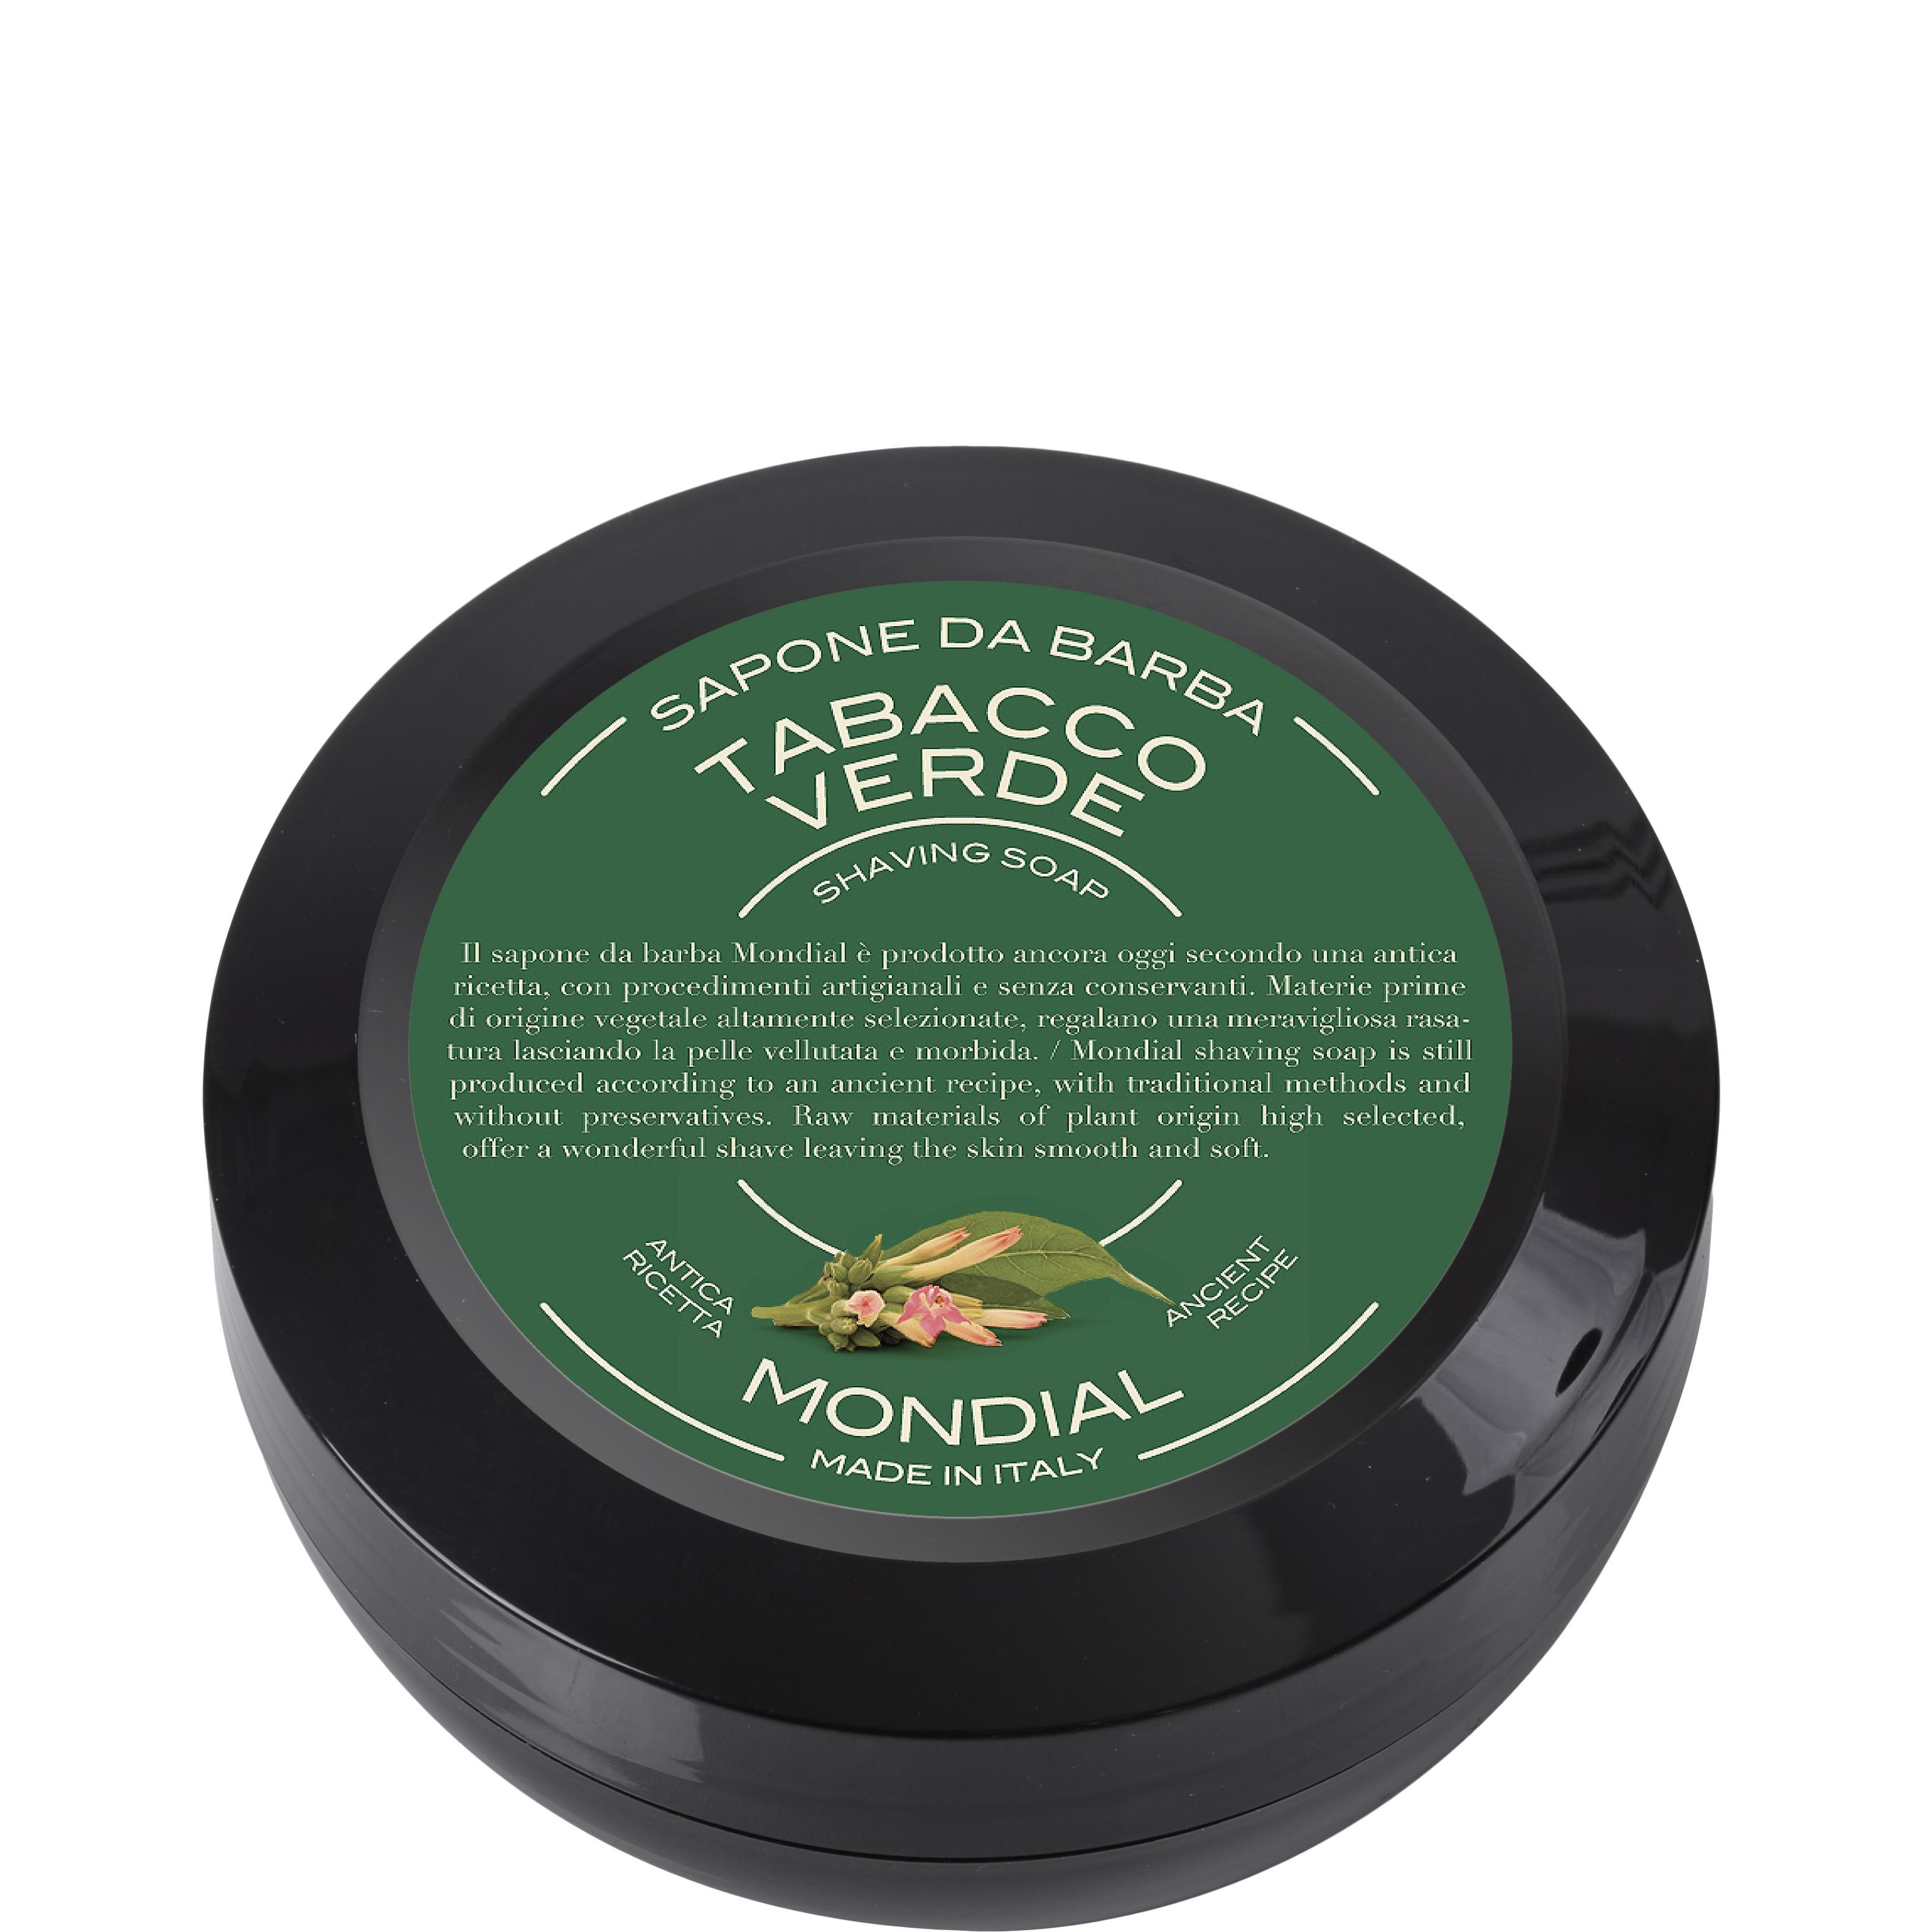 Scheerzeep Traditional Tabacco Verde